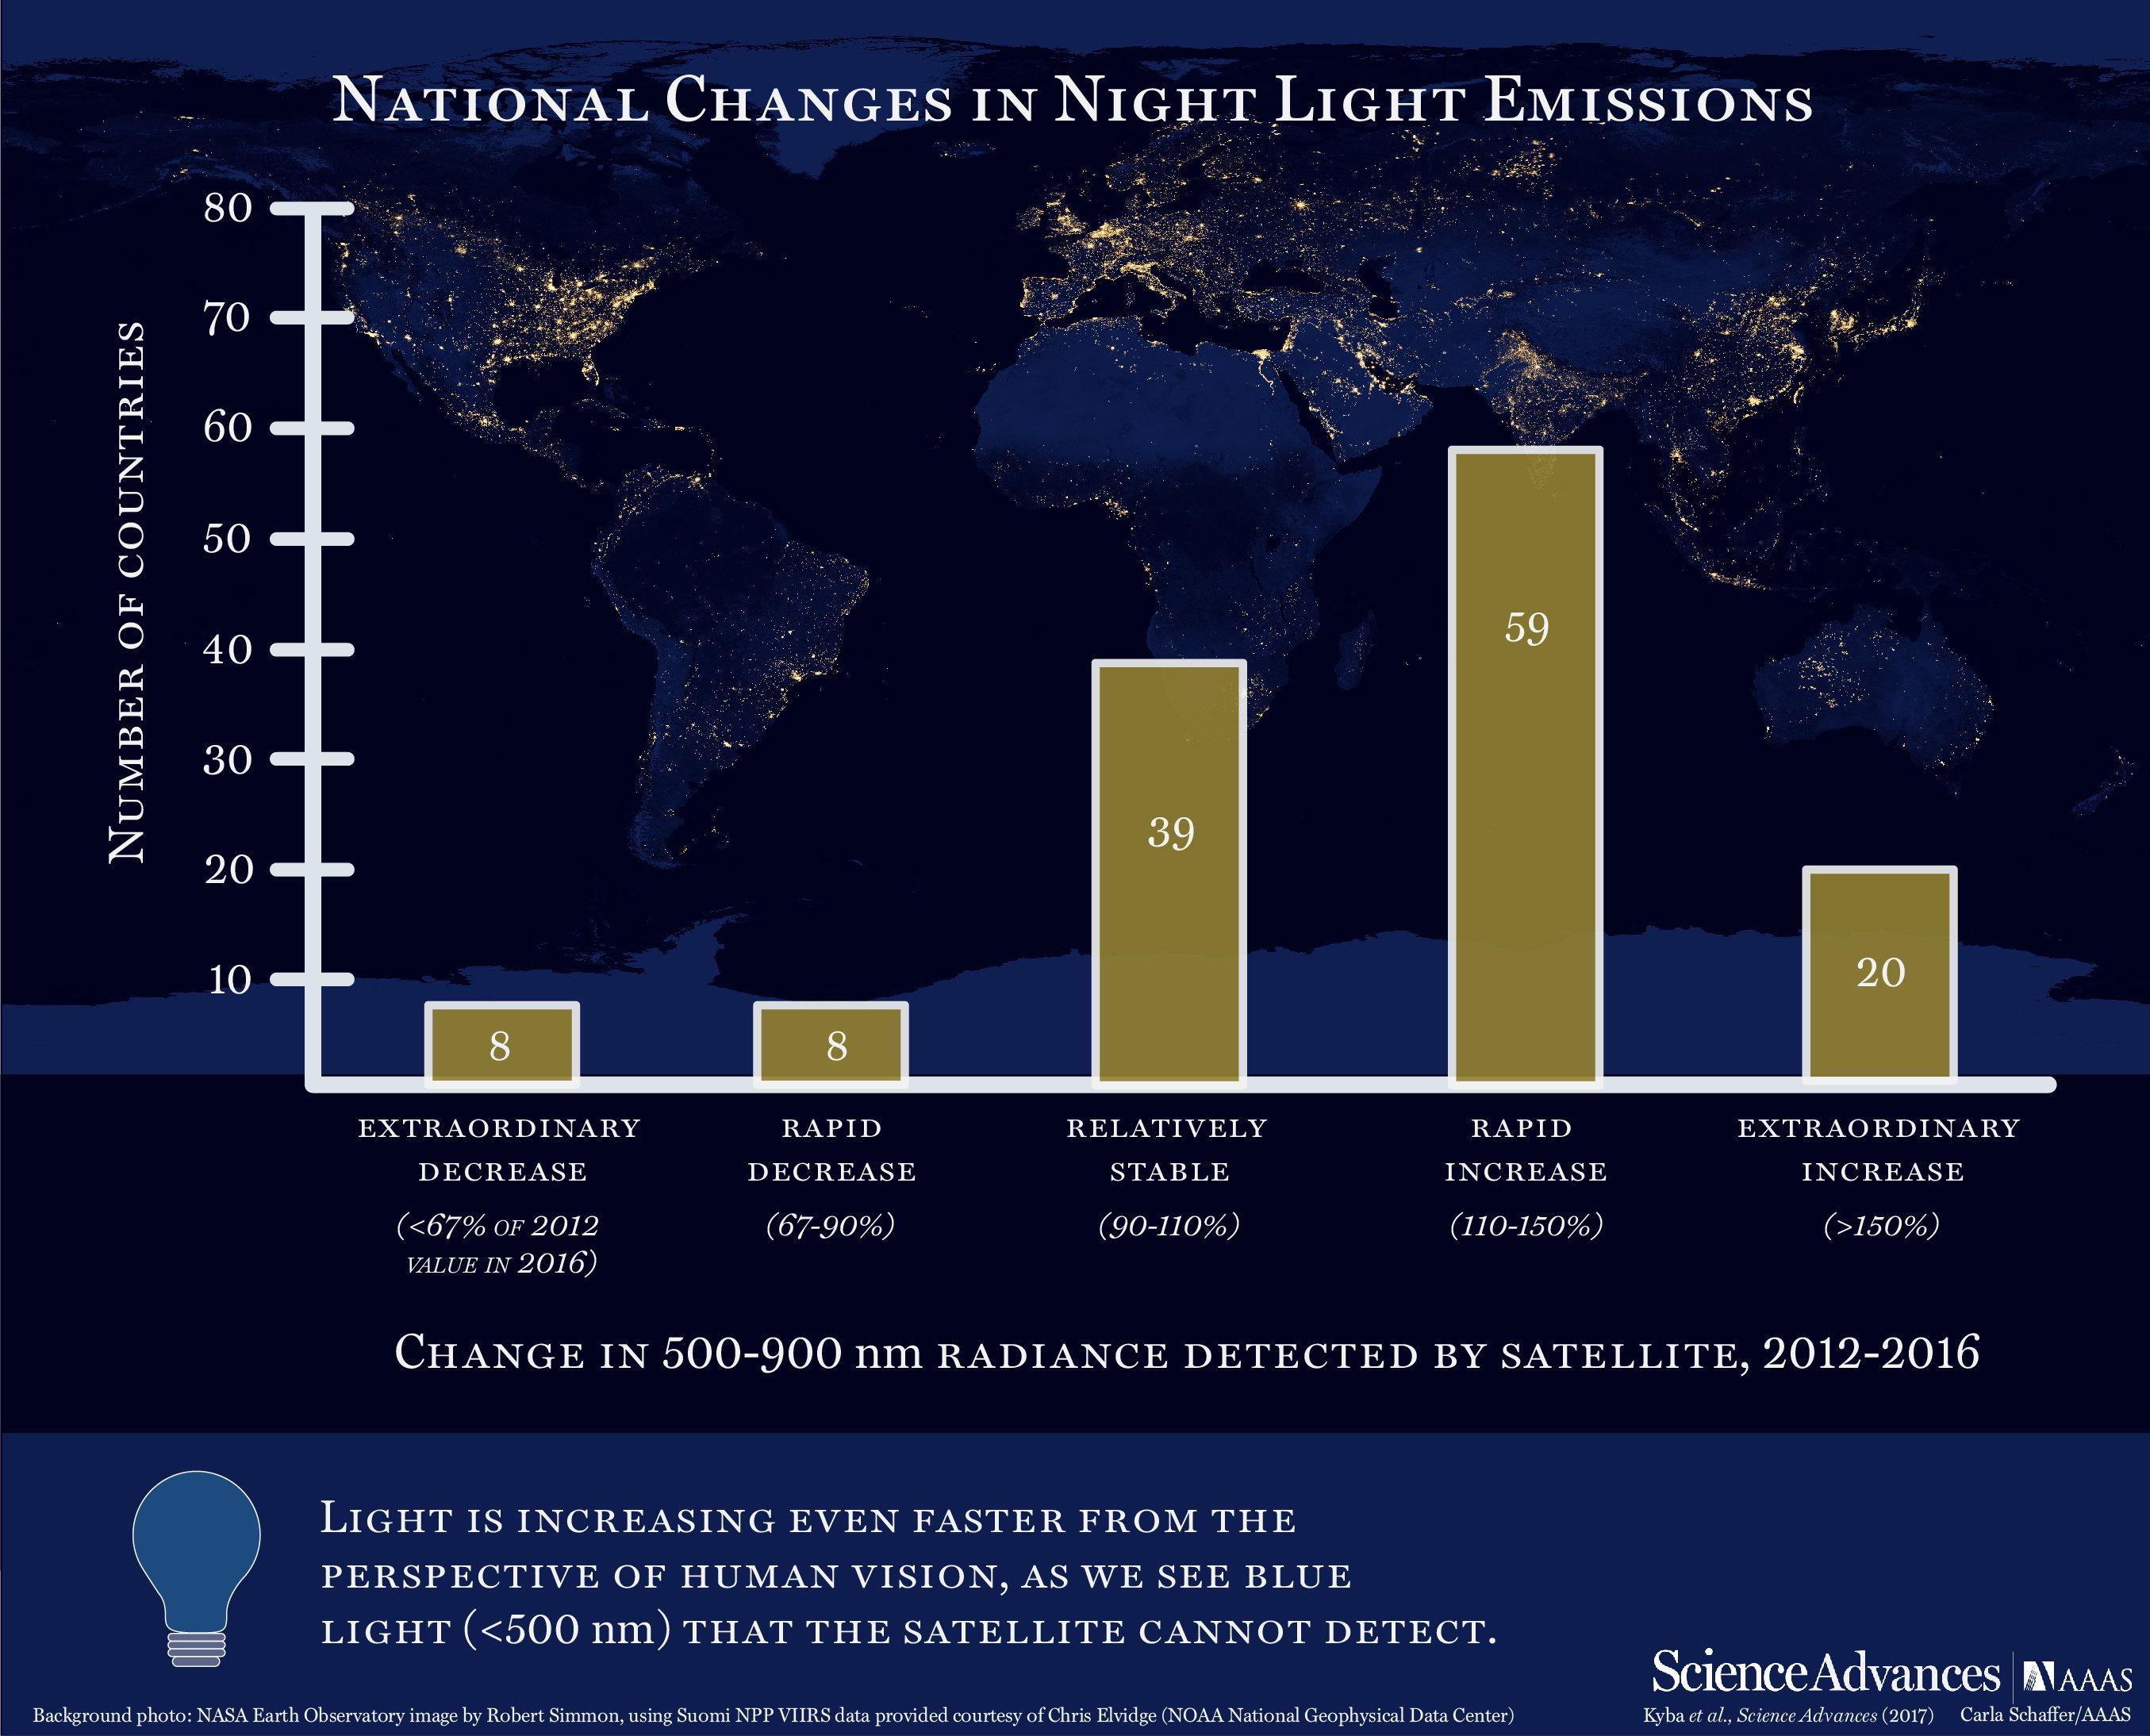 Změny vnočním osvětlení, mezi lety 2012 a 2016. Kredit: Kyba et al. (2017), Science Advaces.